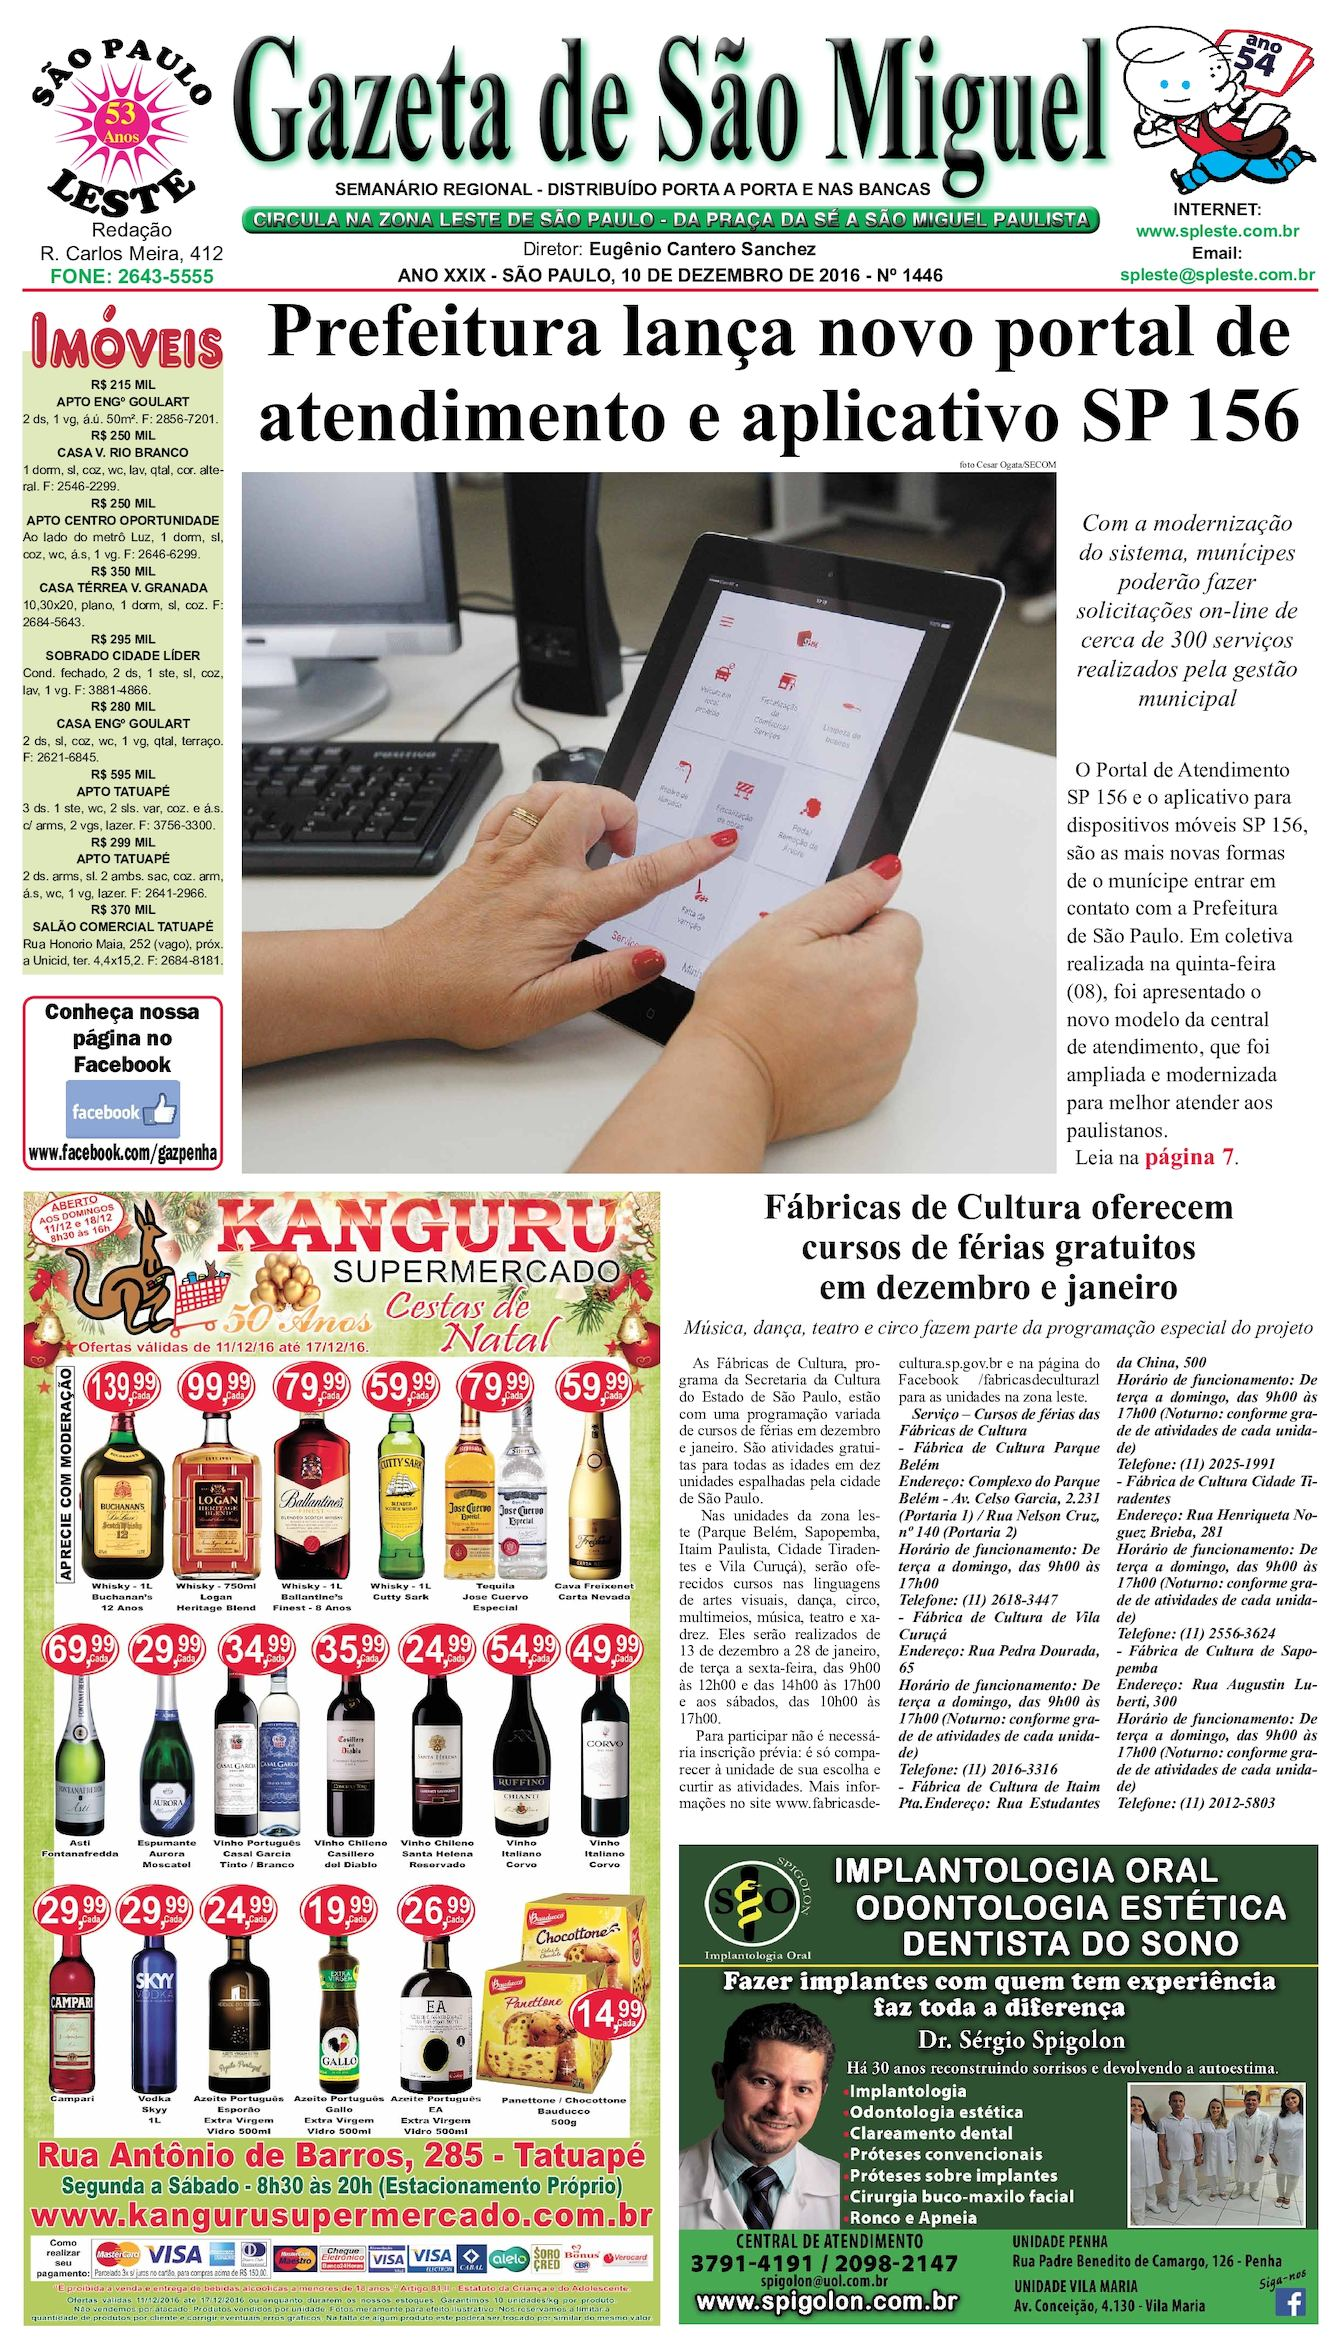 Calaméo - Gazeta de São Miguel edição 1446 11.12.16 40aa19dc84